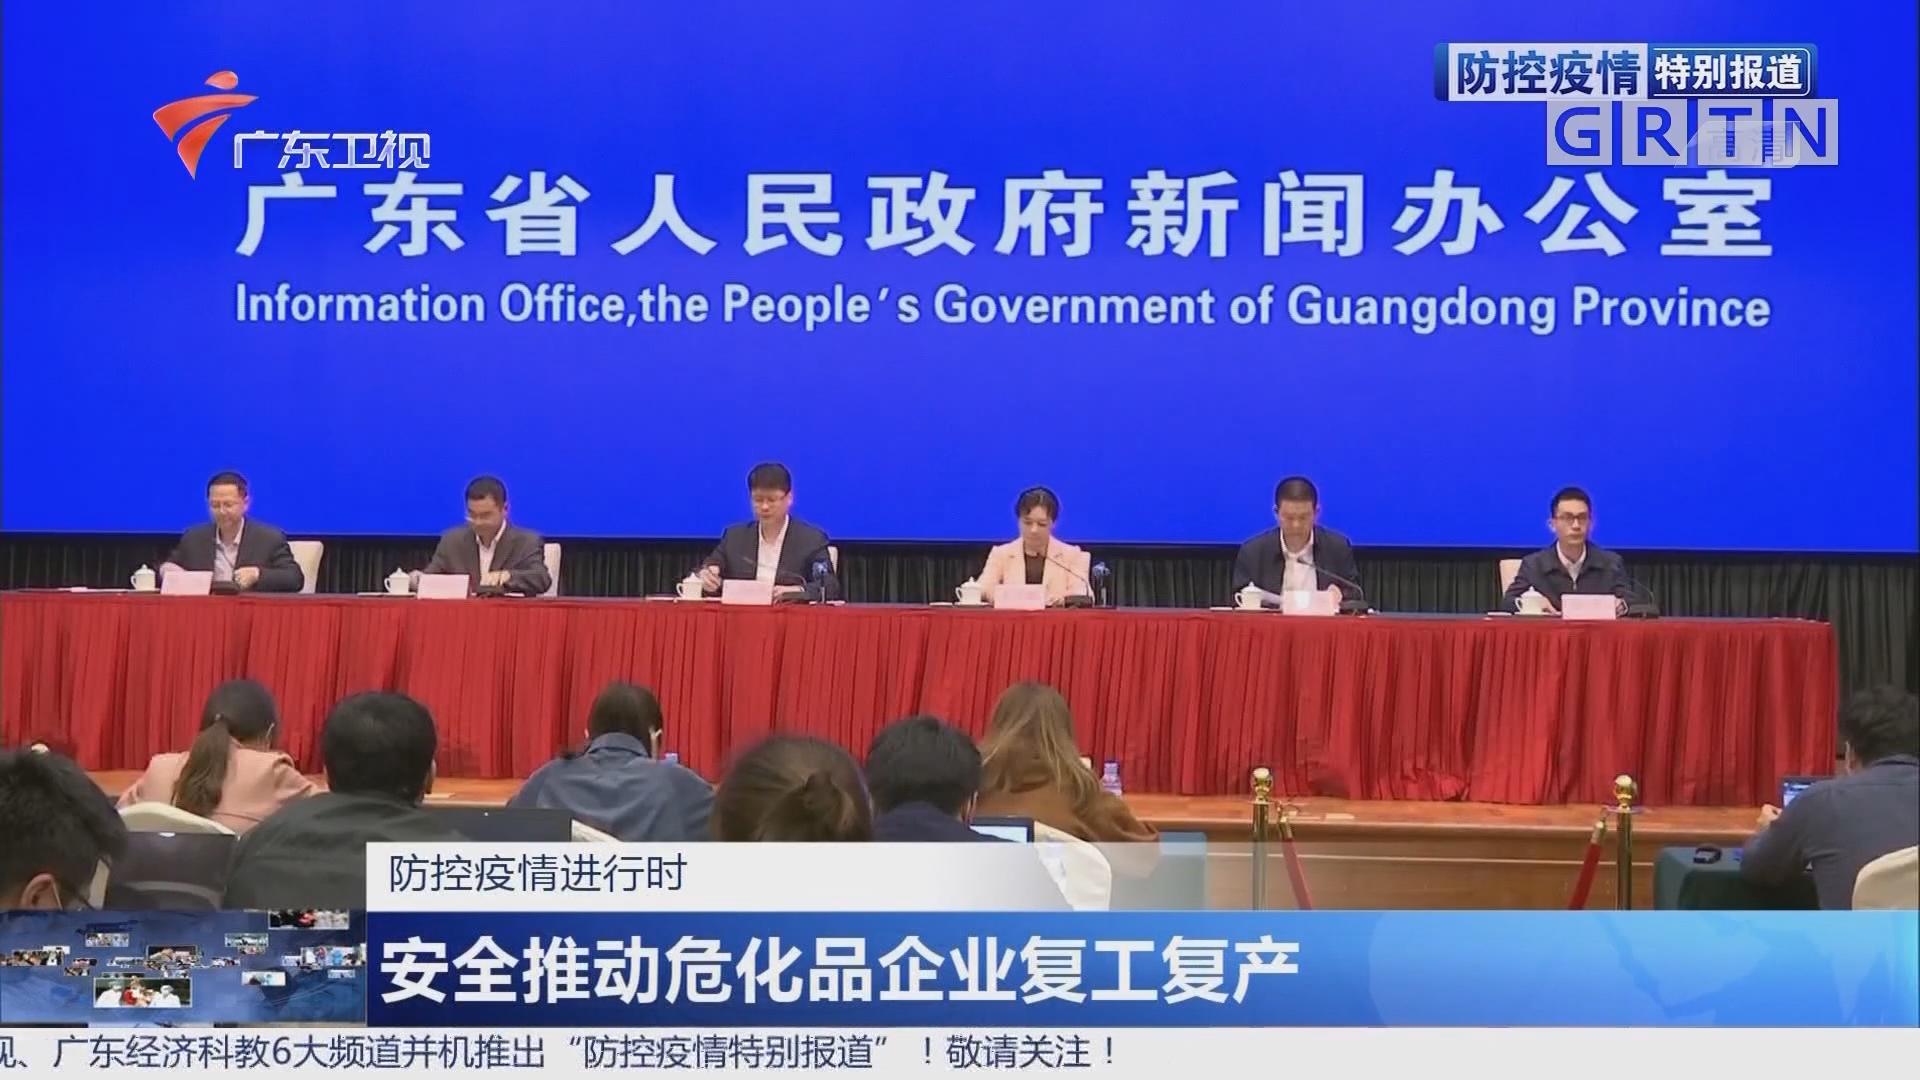 廣東省政府新聞辦疫情防控新聞發布會舉行